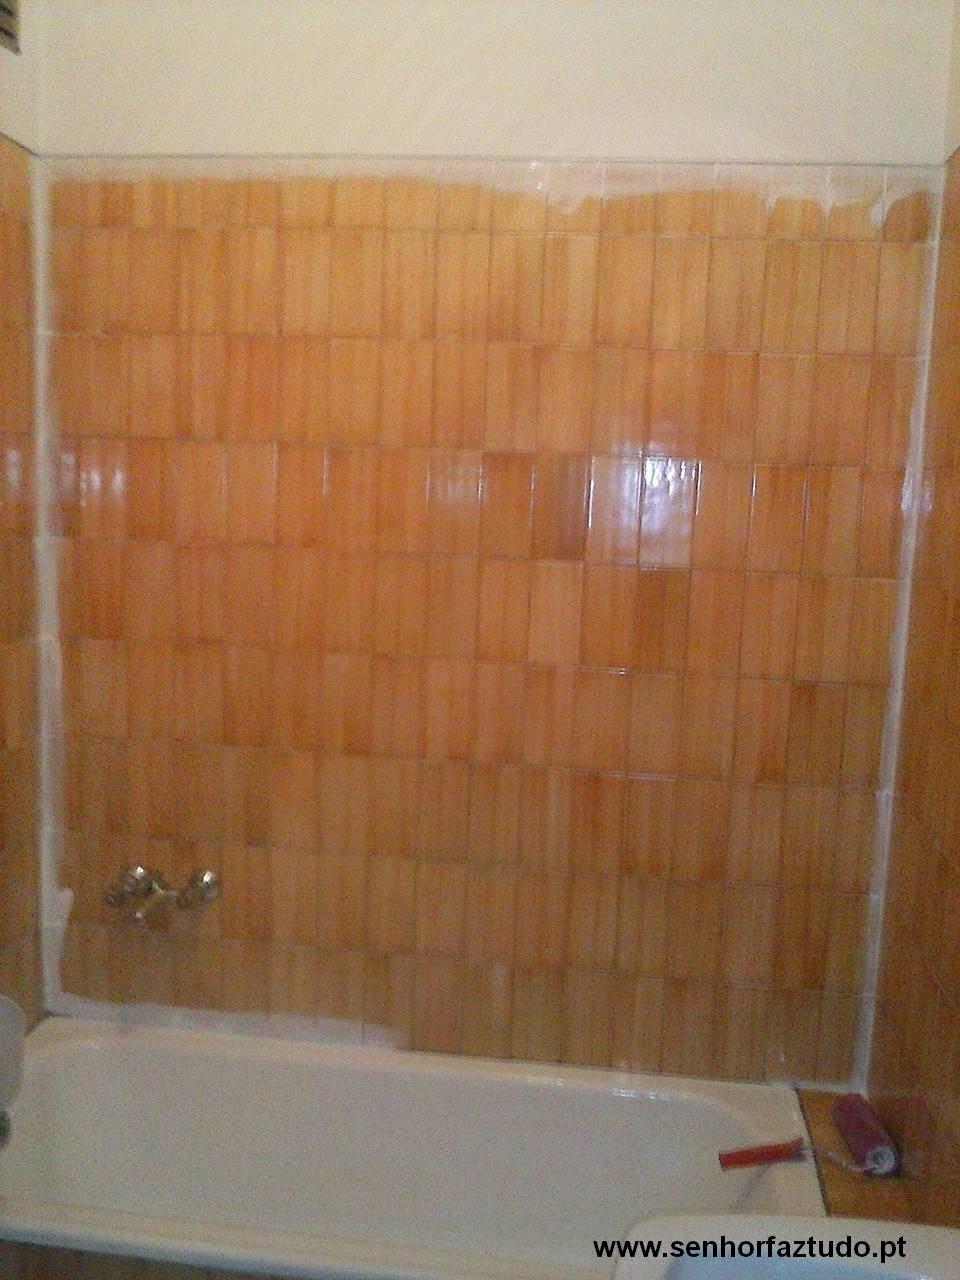 Senhor faz tudo faz tudo pelo seu lar pintura de - Pintura de azulejos ...